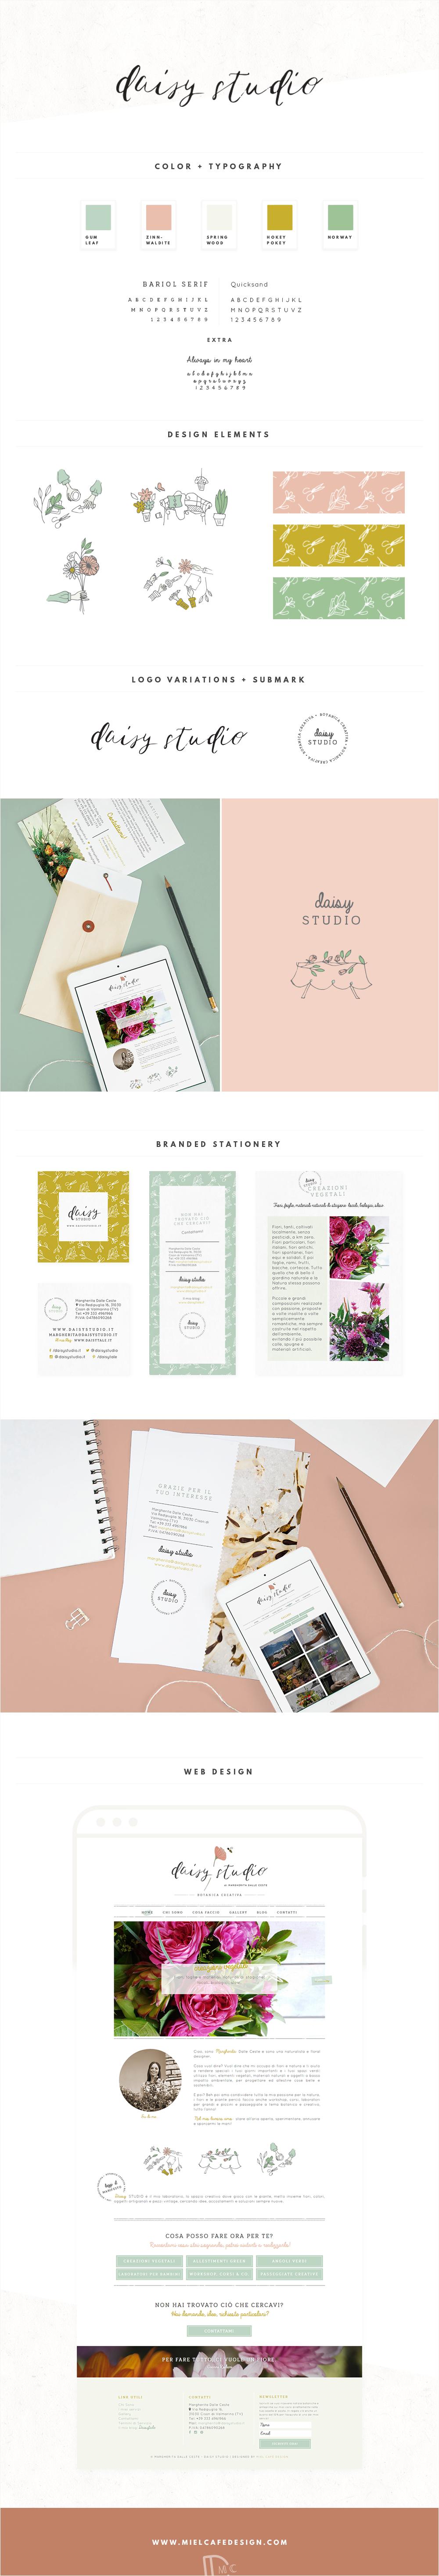 Daisy Studio Brand e Web Design - Miel Café Design